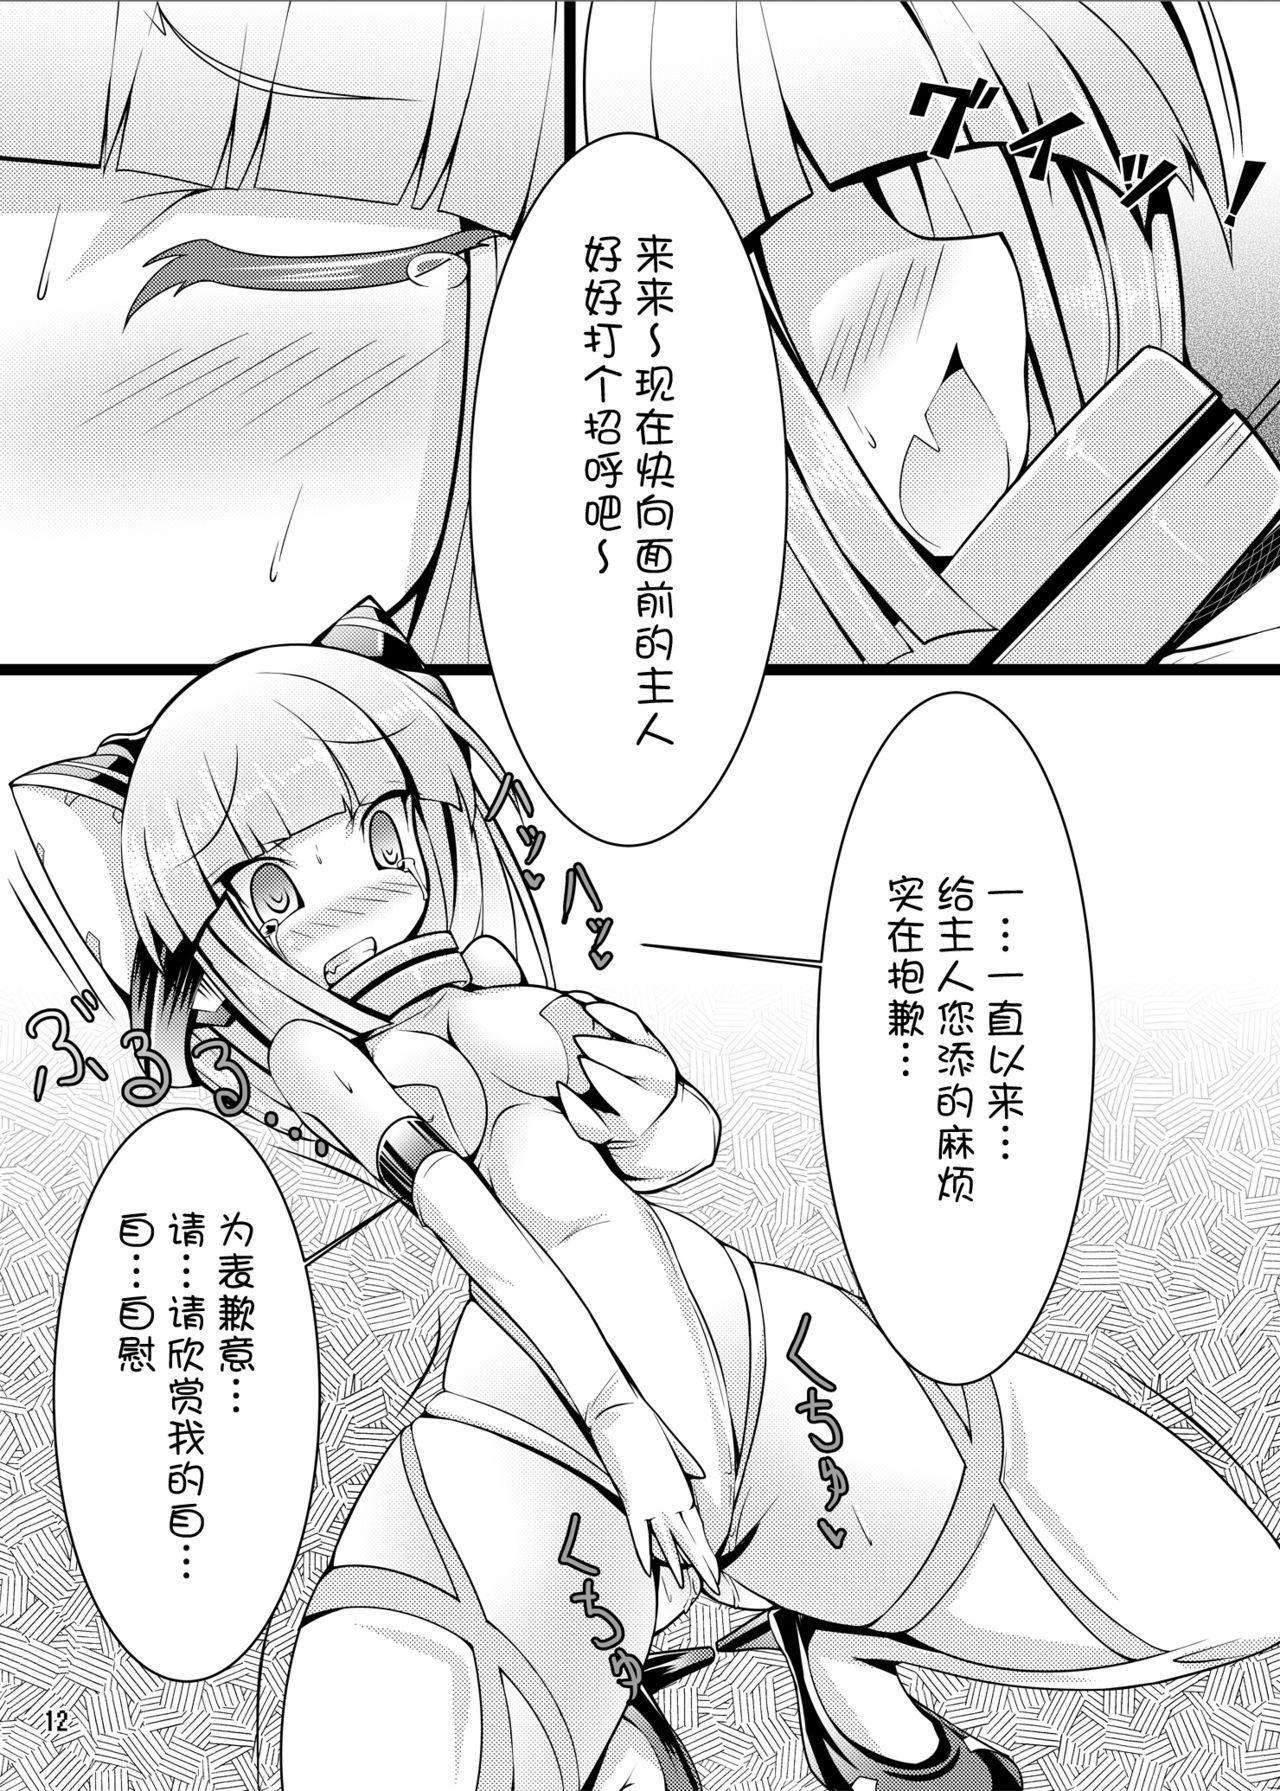 Neko no Eroi Hon 10